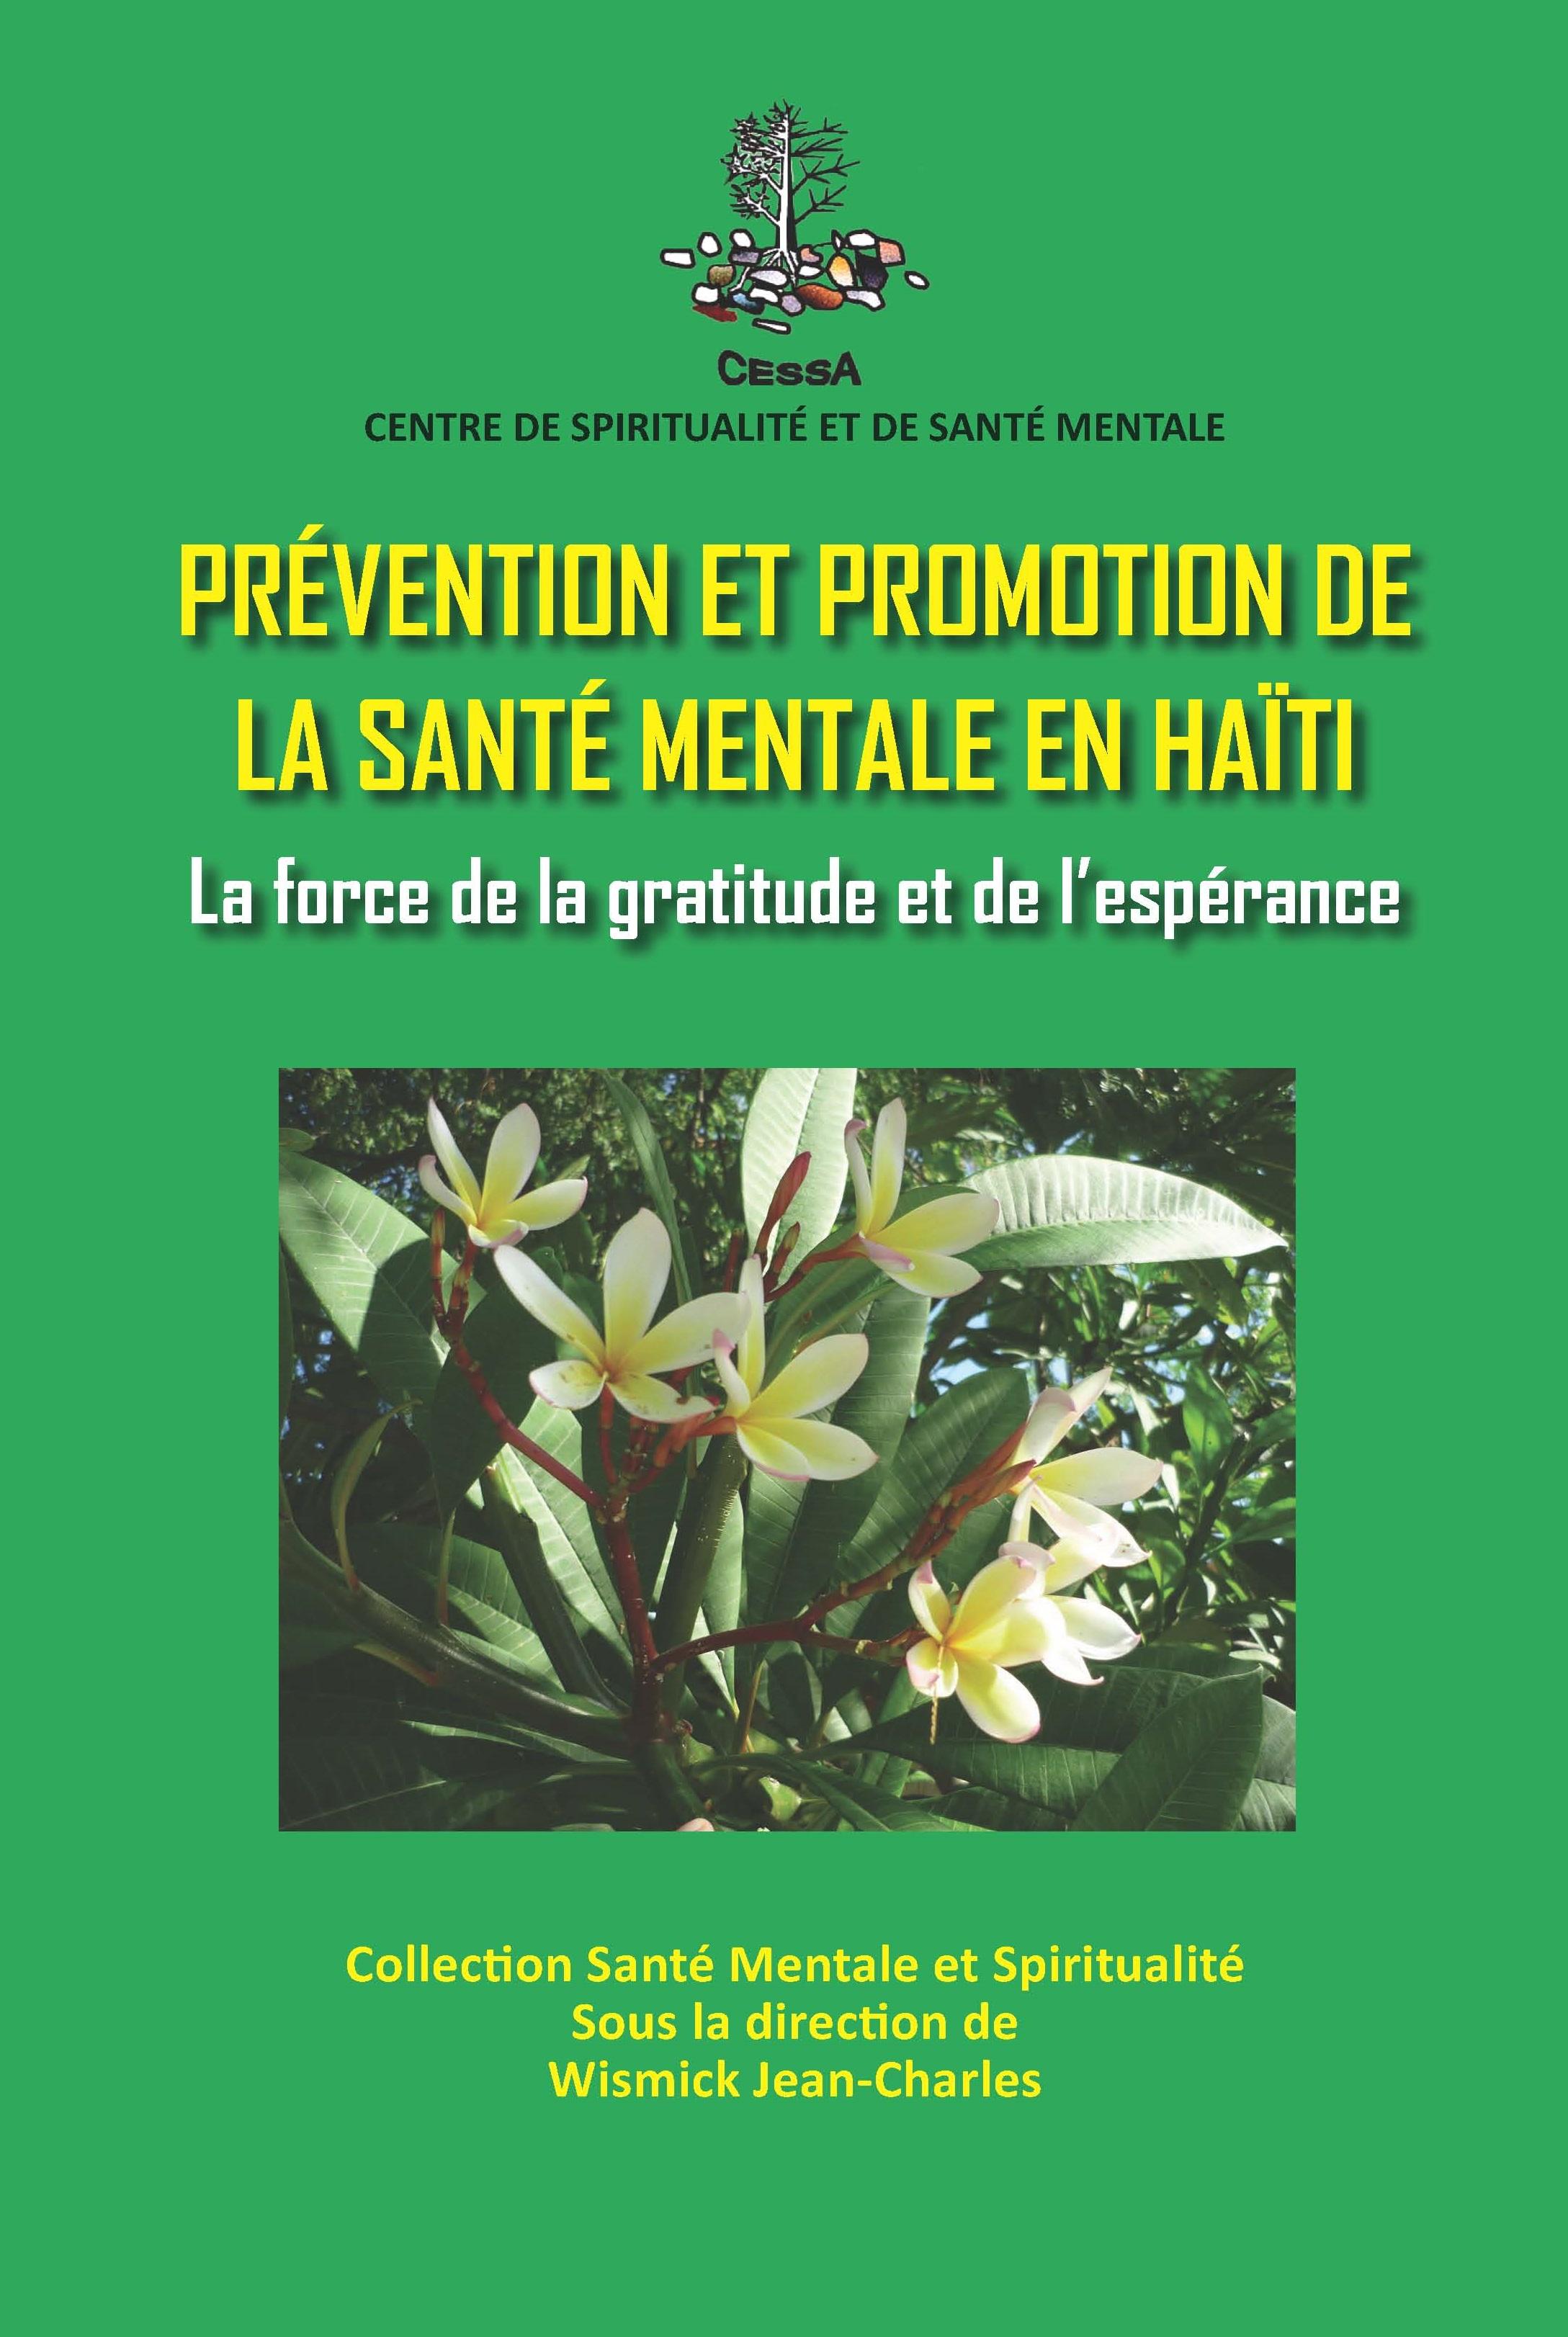 Prévention et Promotion de la Santé Mentale en Haïti